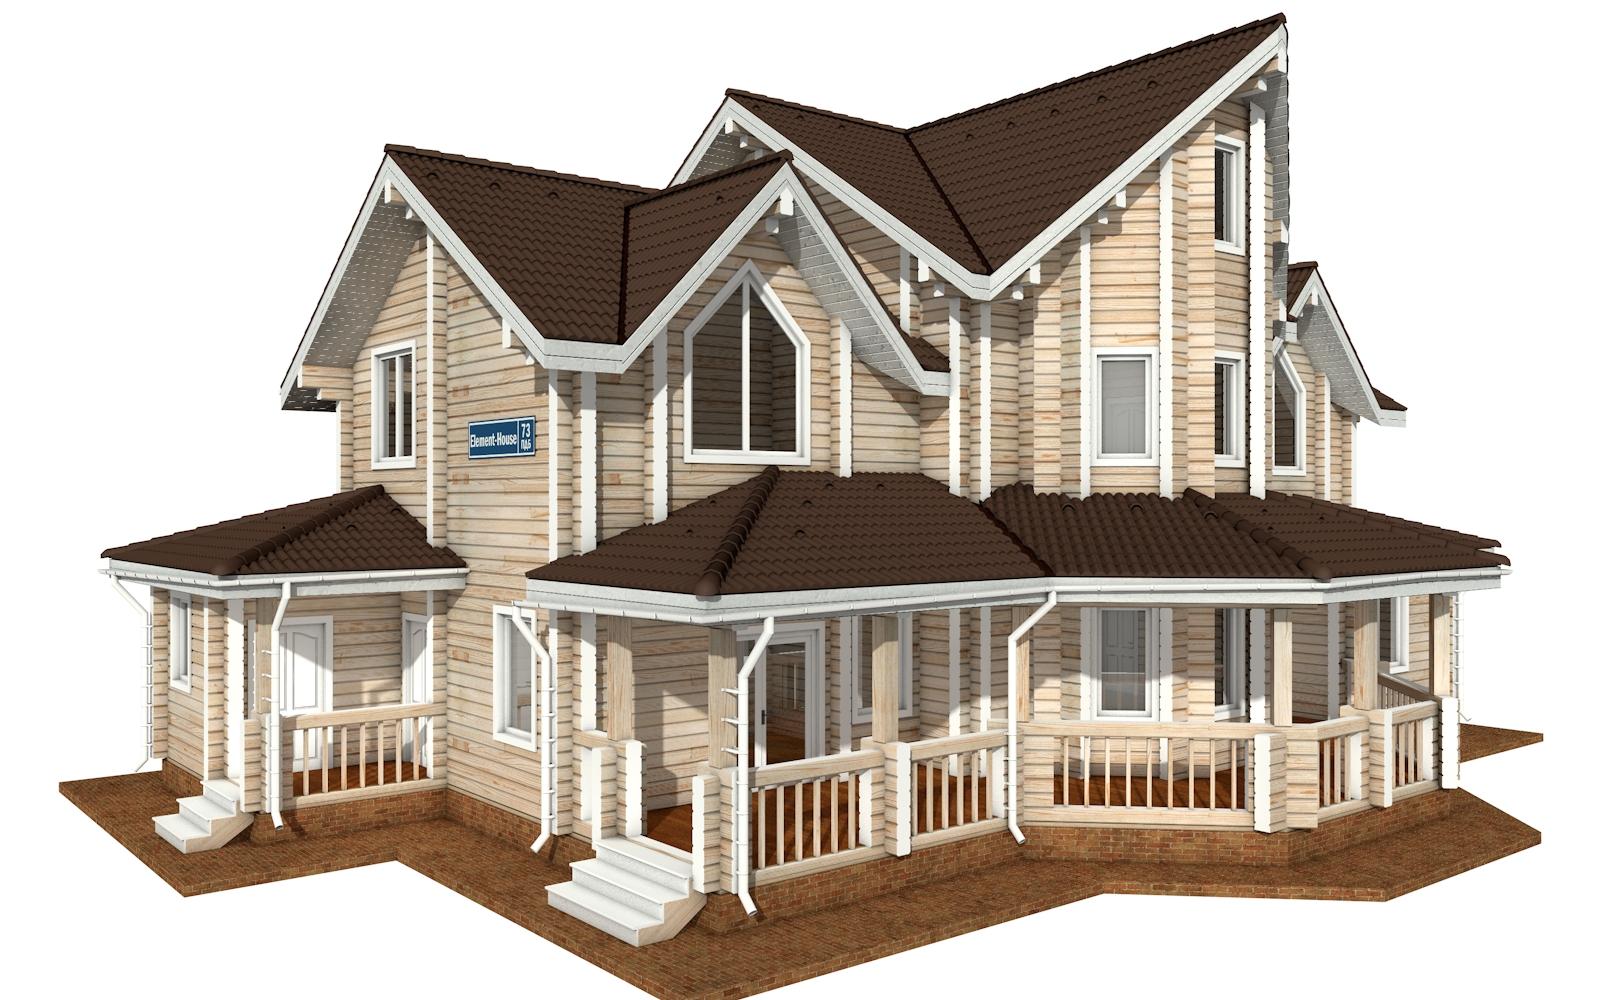 ПДБ-73 - деревянный дом из клееного бруса